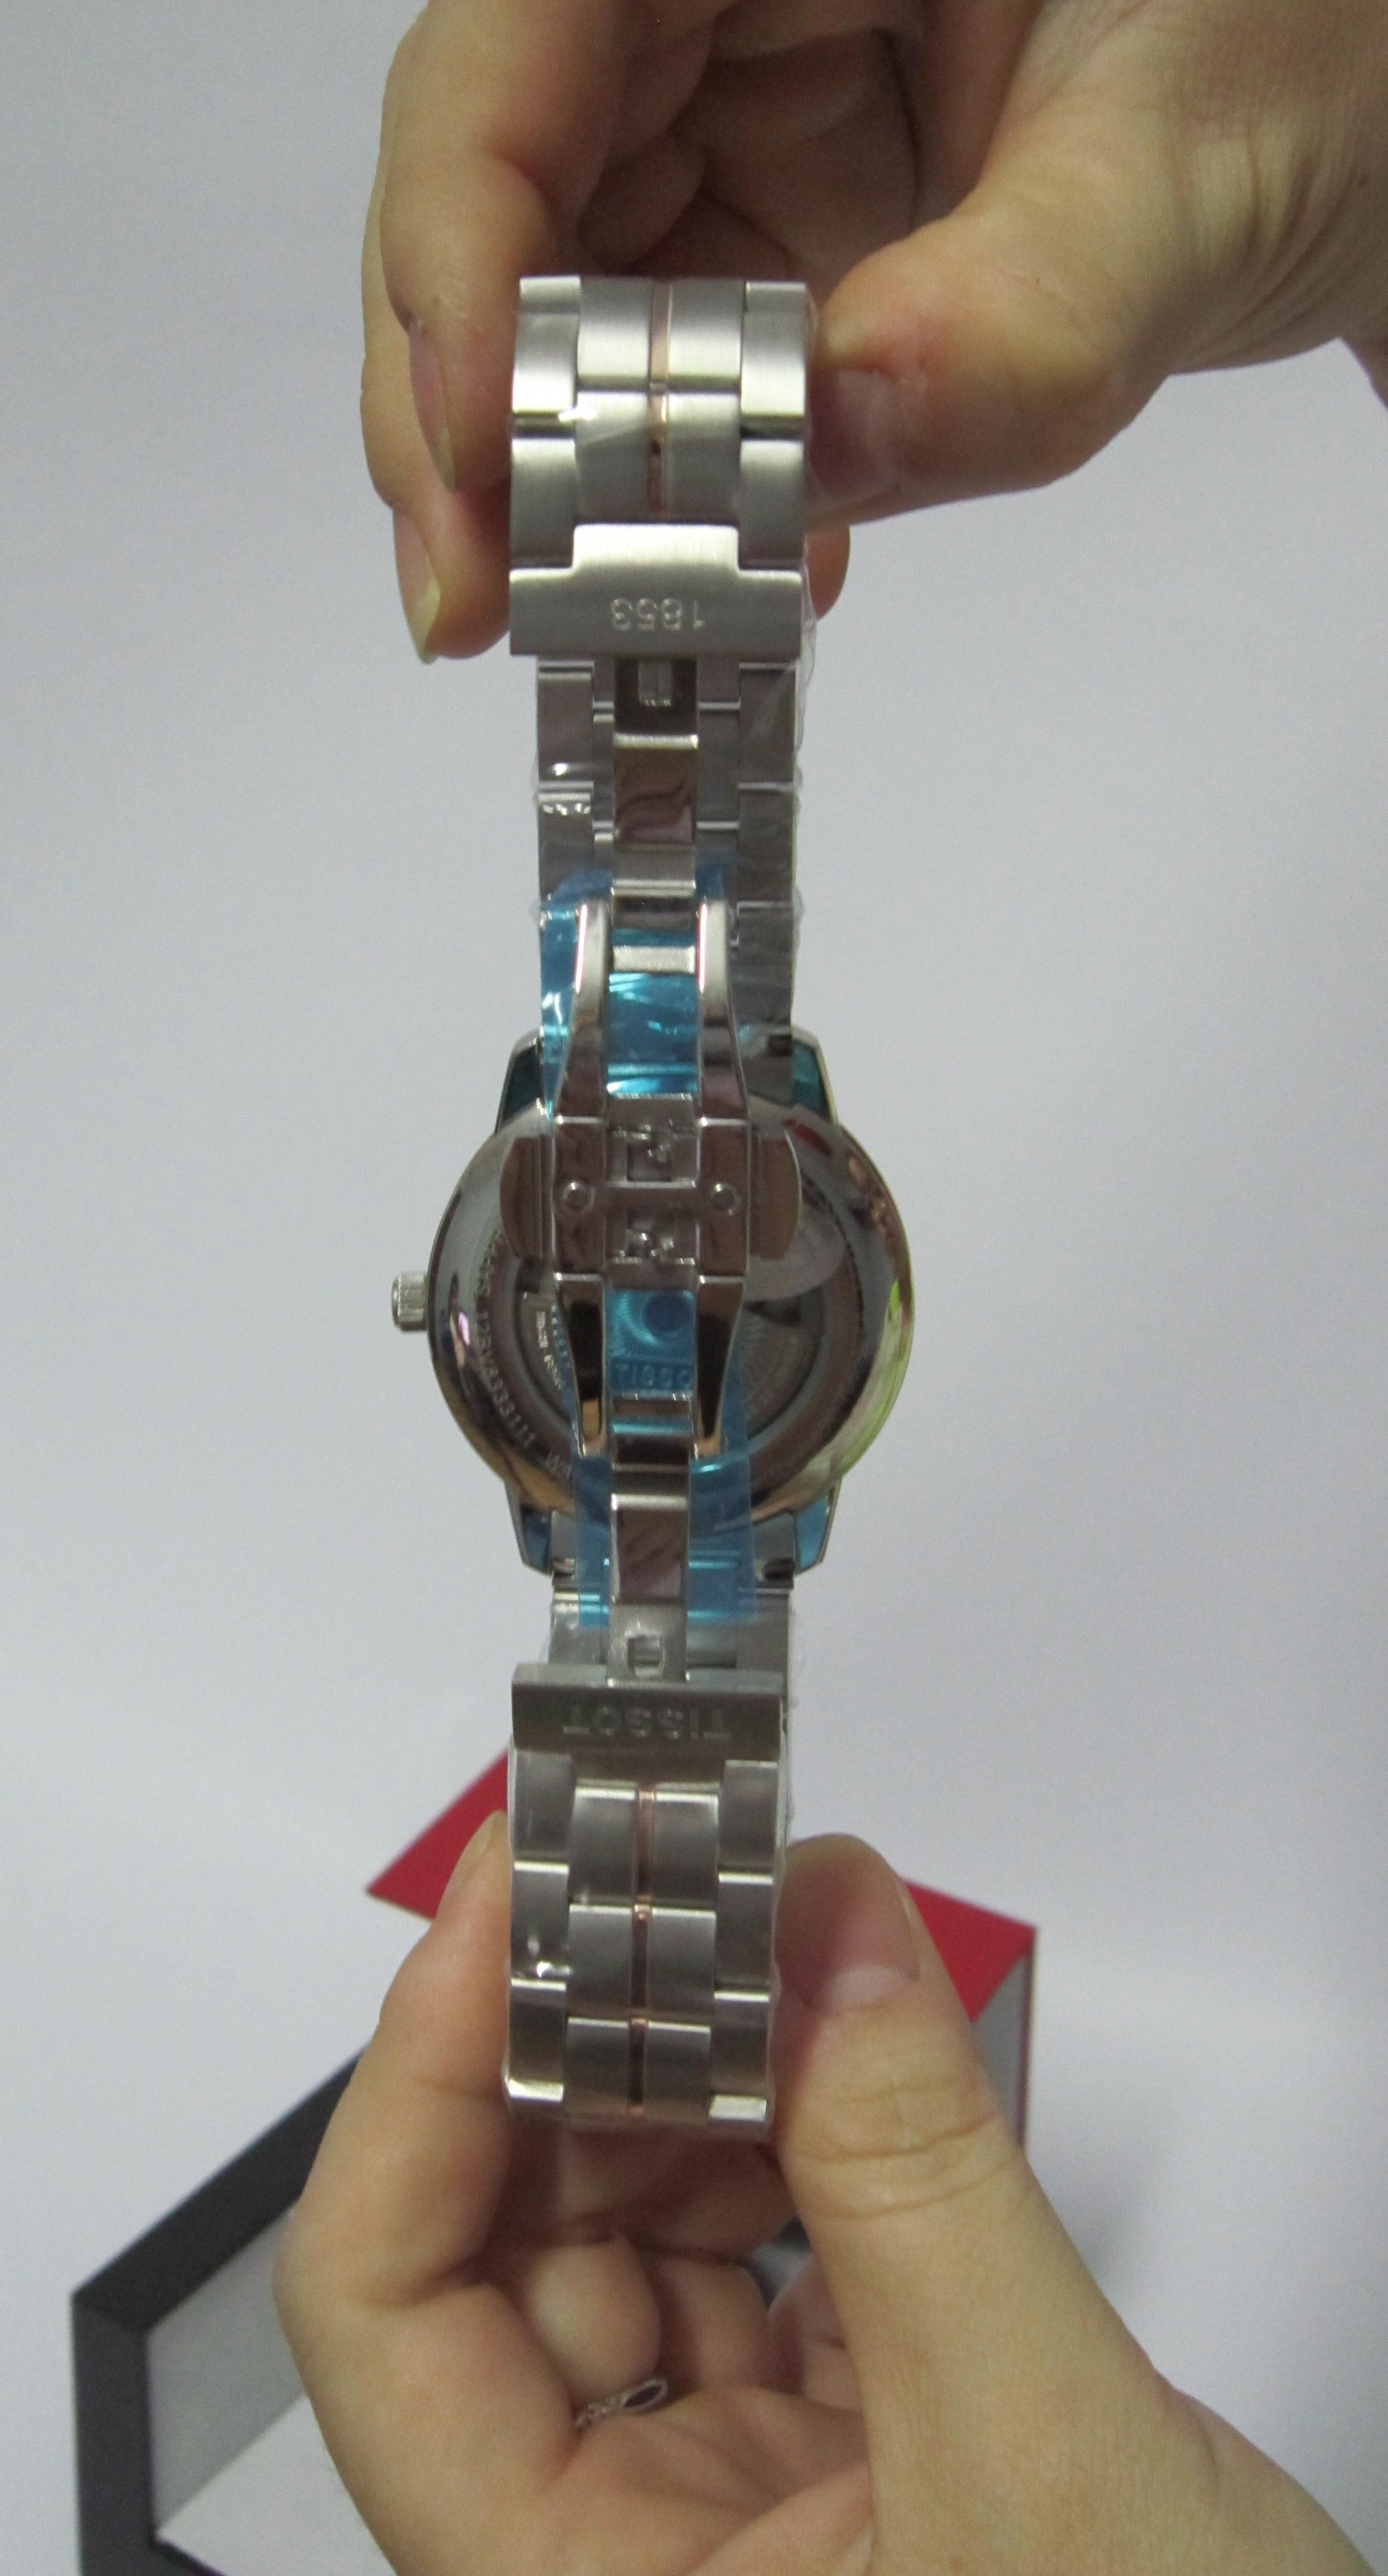 Đồng hồ Tissot nam 1853 T086.207.22.261.00 chốt gập 2 lần nhấn